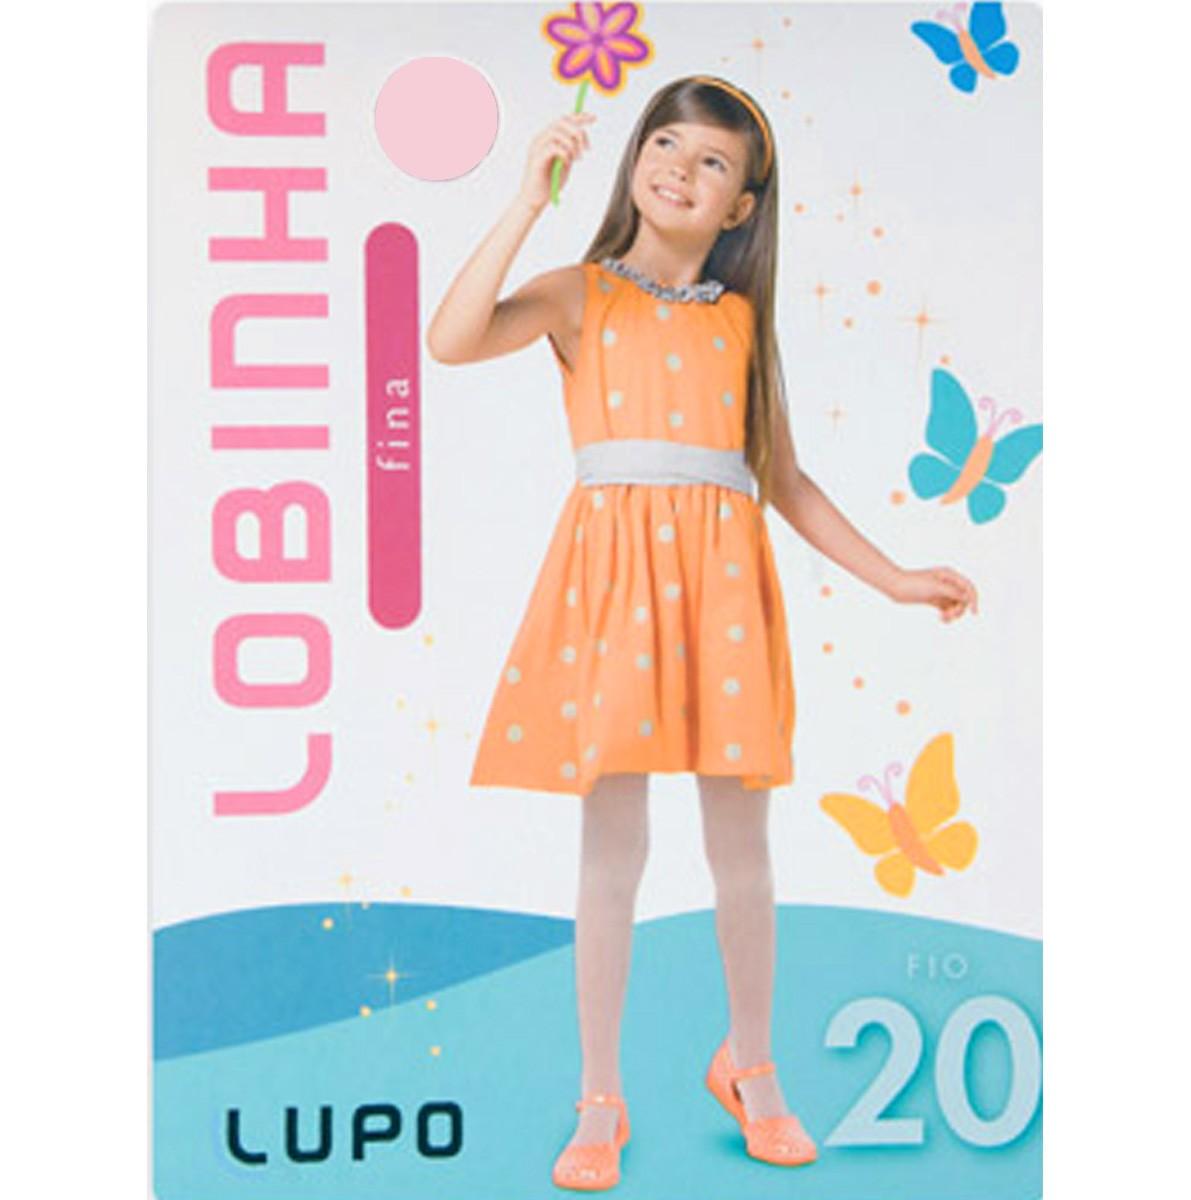 bd5fac19b Meia Calça Infantil Lupo Lobinha Fina Fio 20 2570 - Rosa - Calçados ...